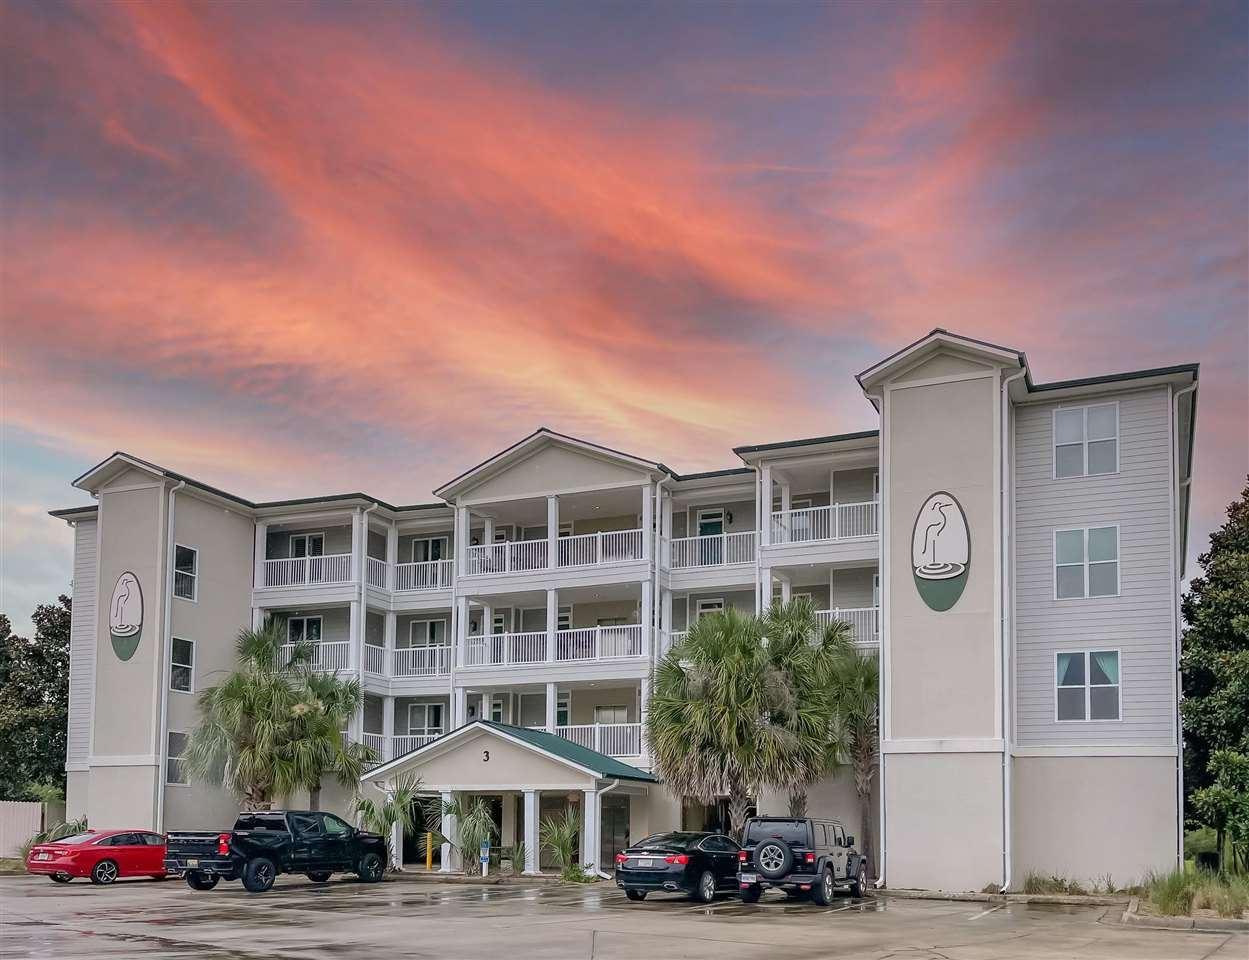 323 Eagles Way, Carabelle, FL 32322 - MLS#: 334617